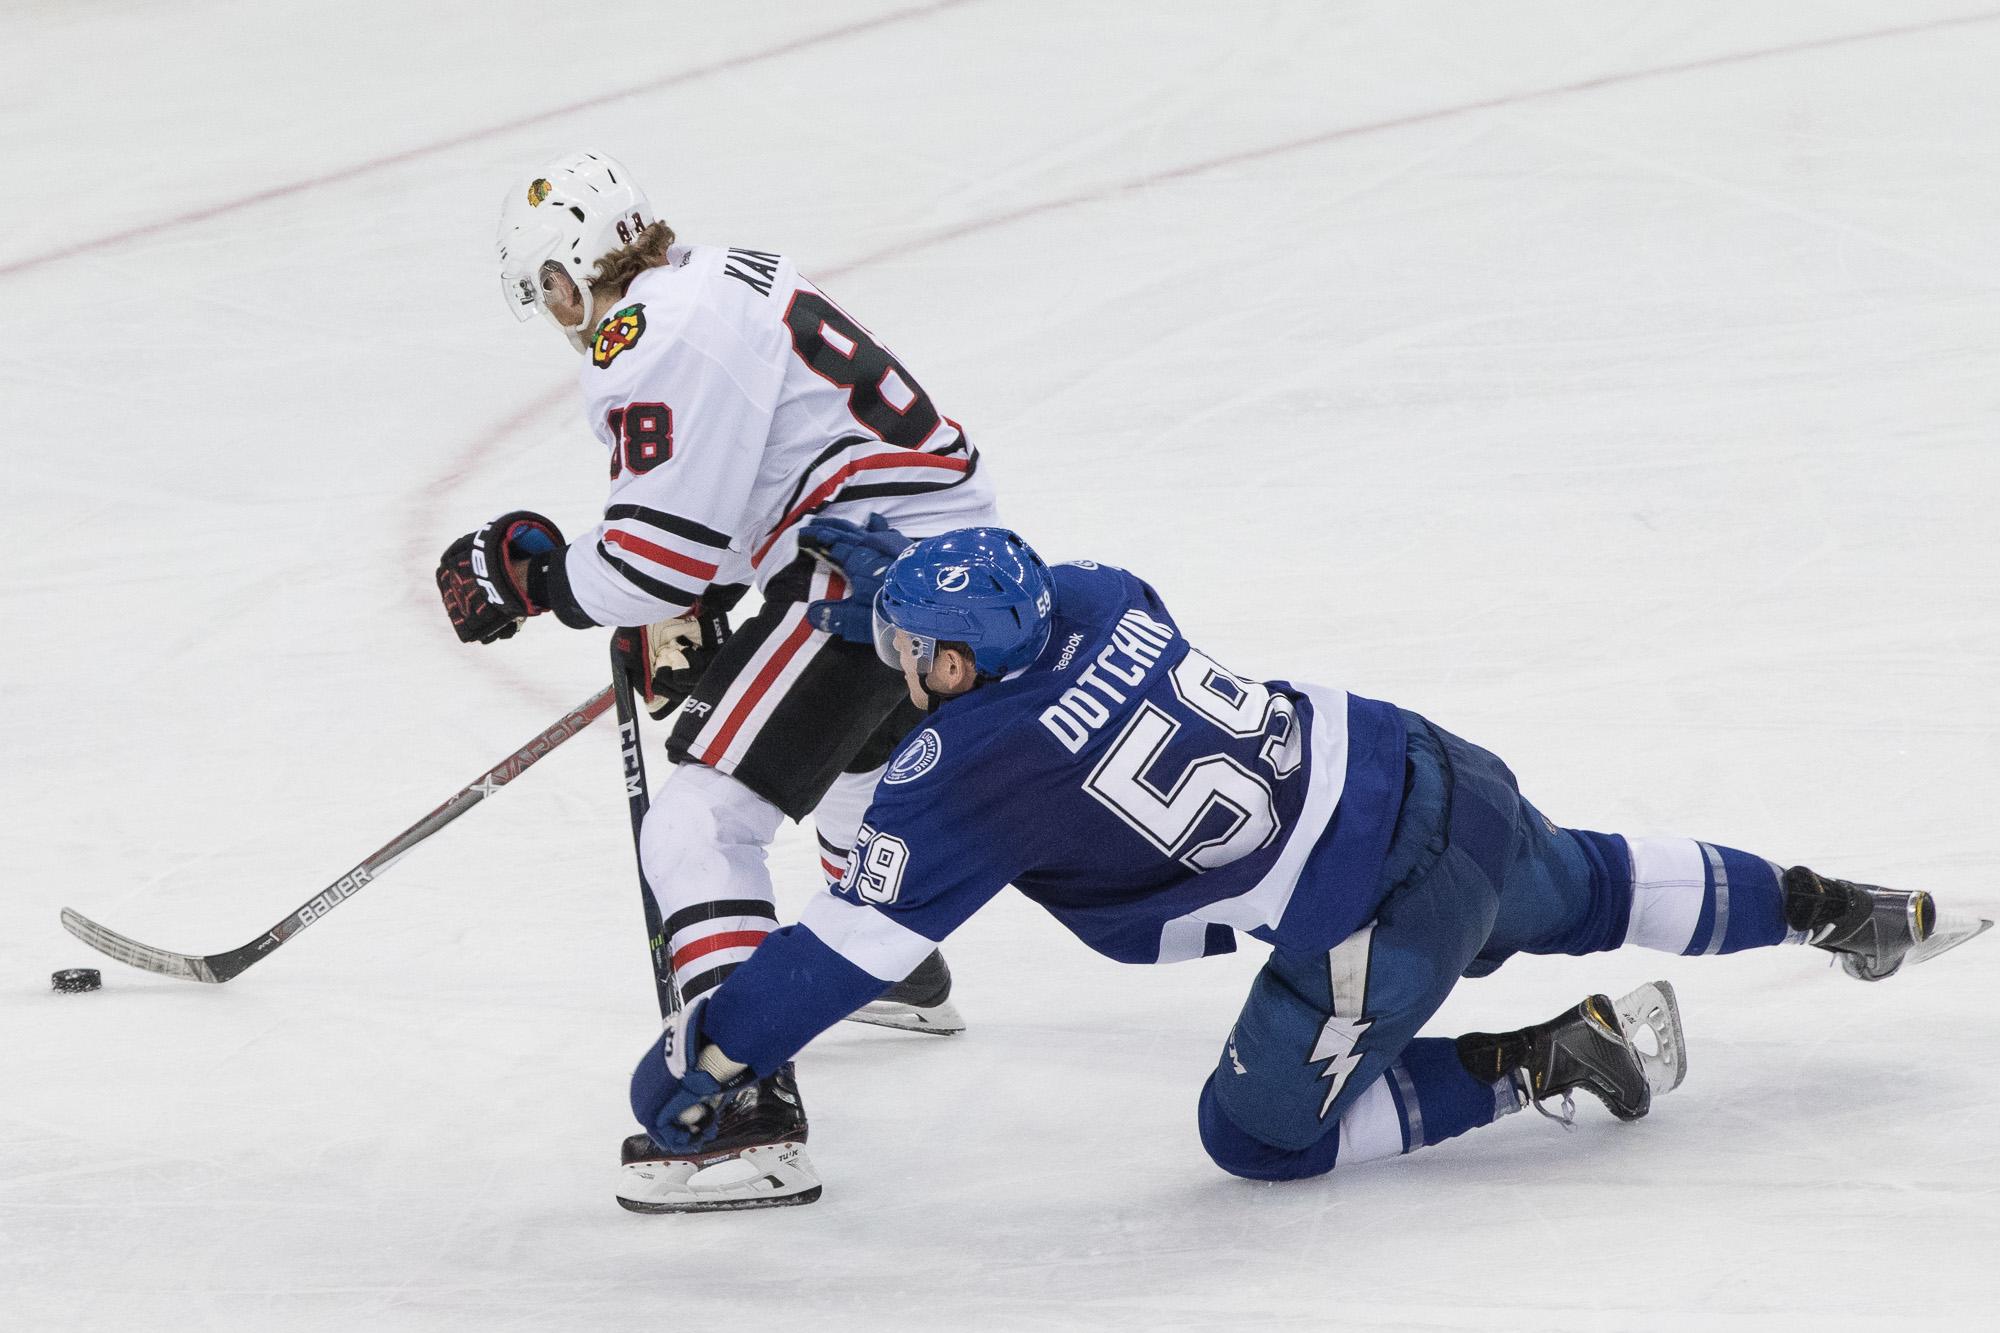 Jake Dotchin tries to stop Kane./Steven Muncie